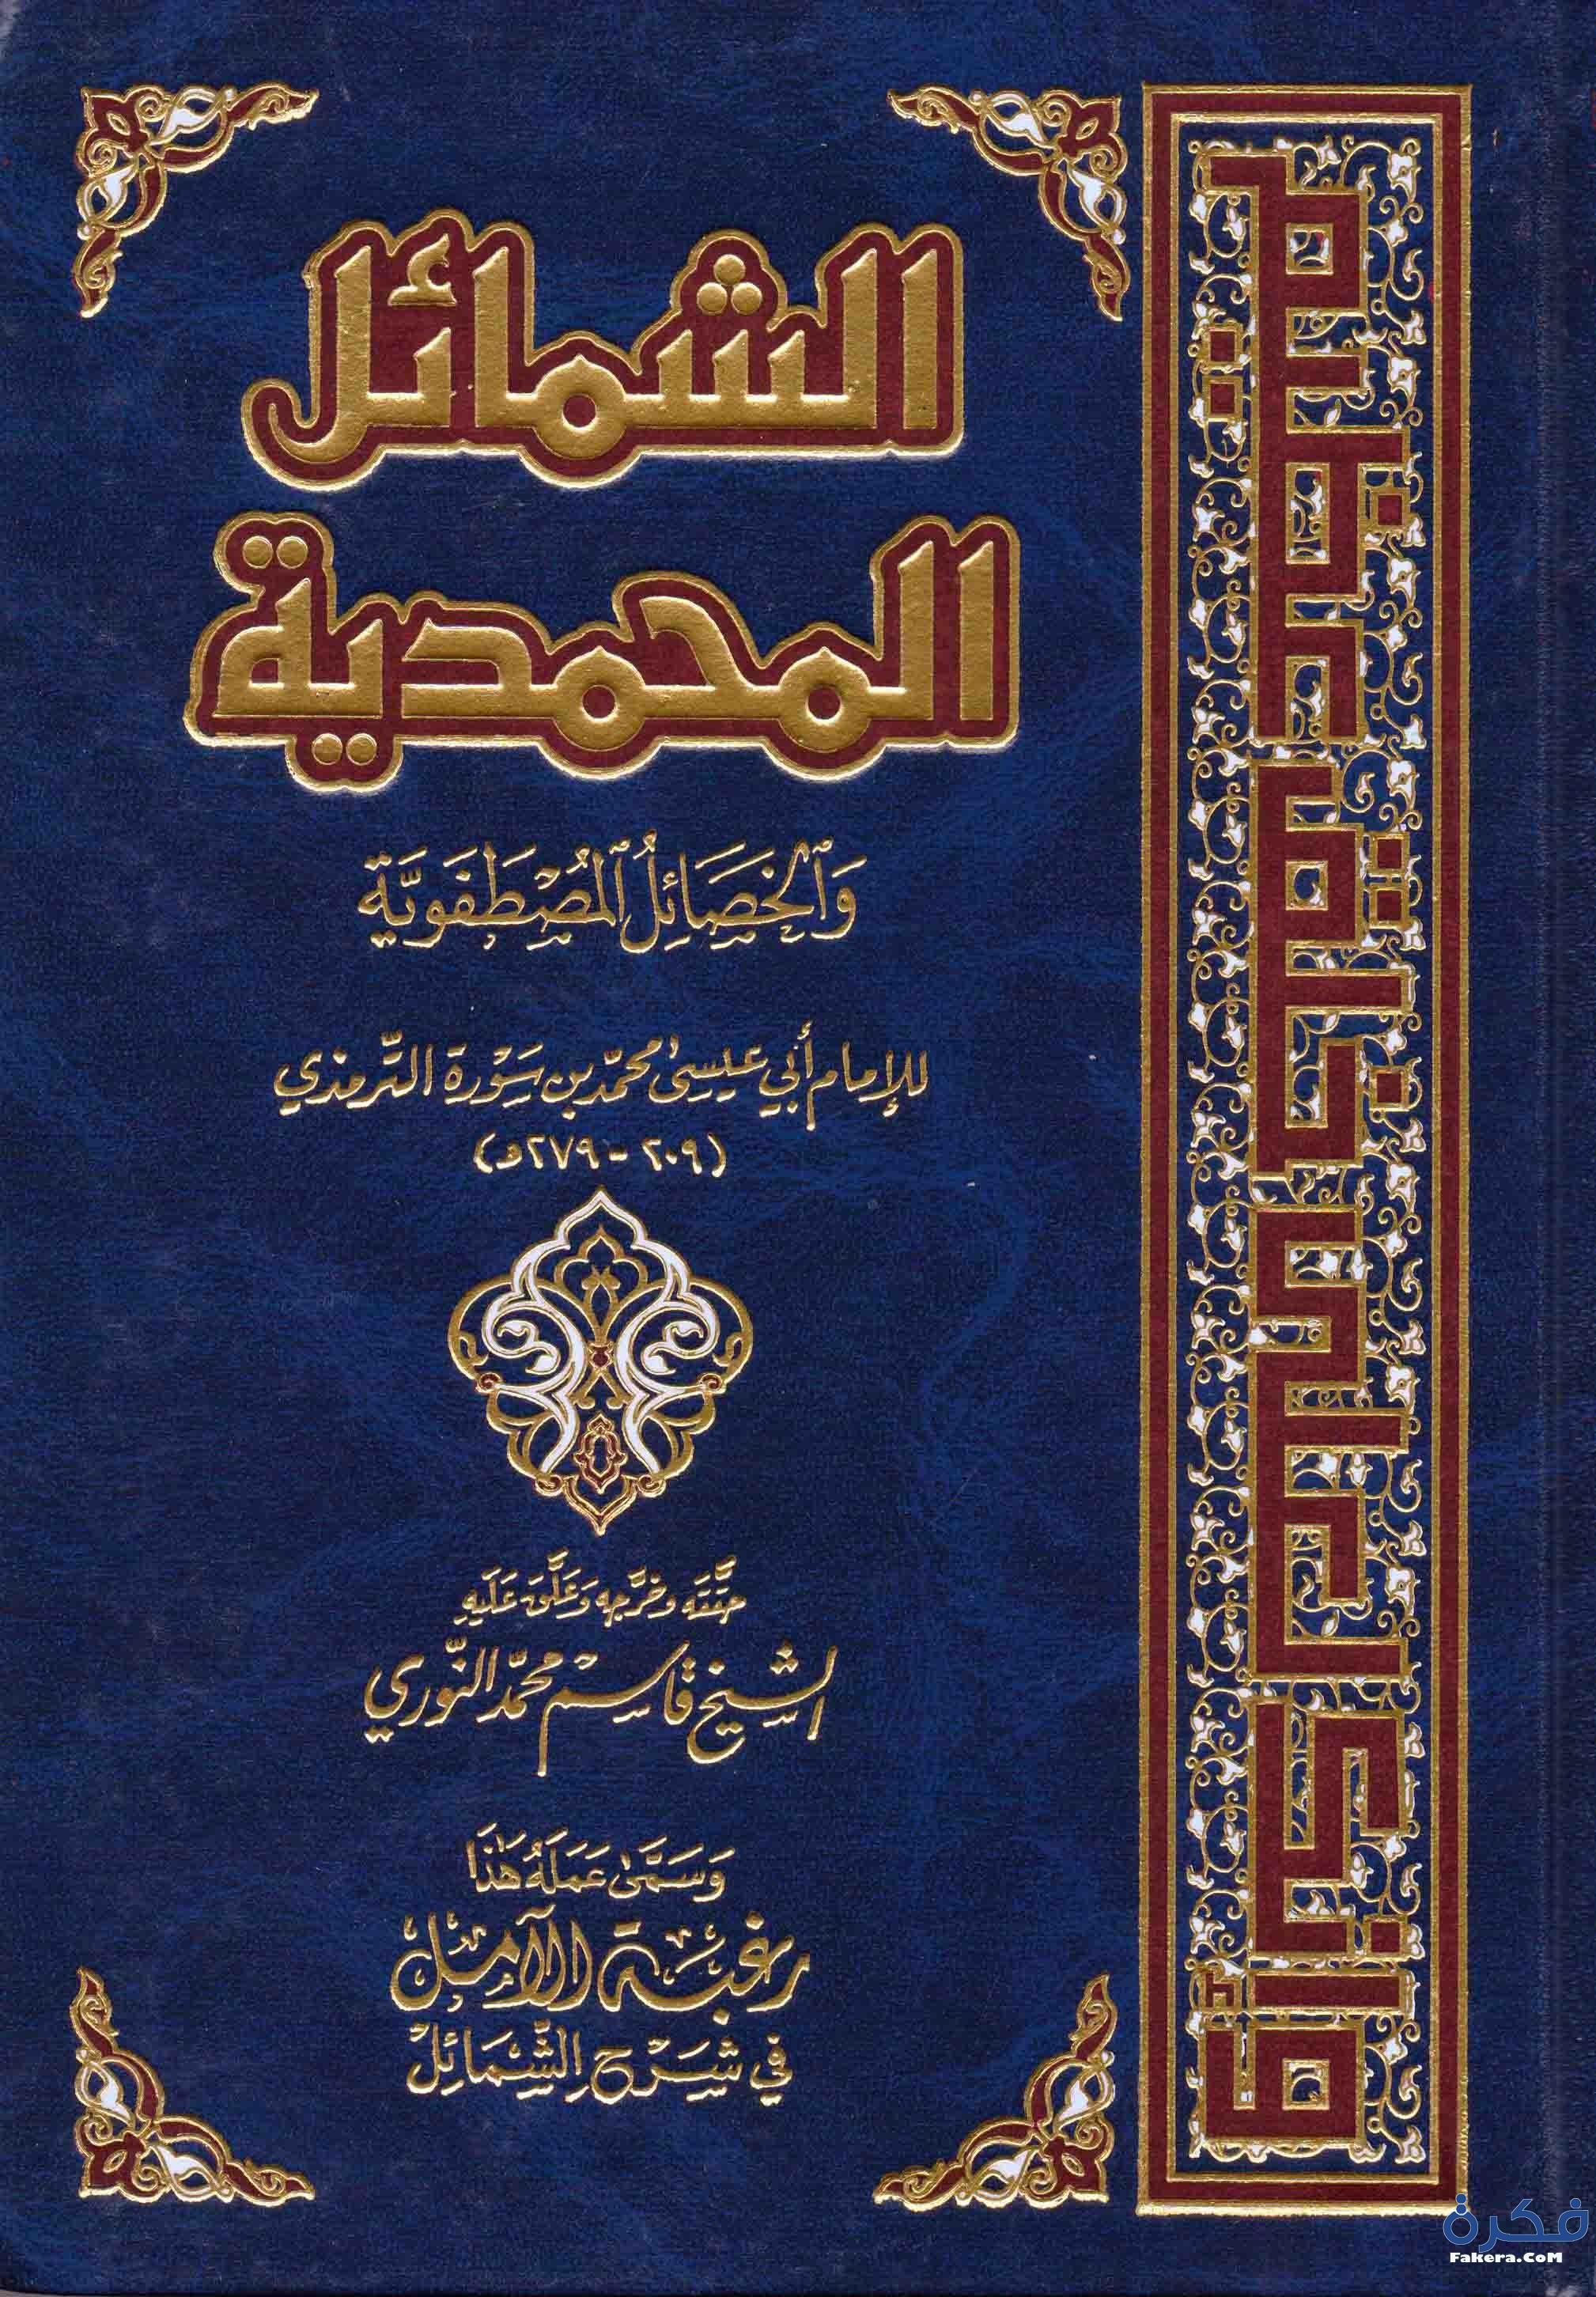 كتاب الاسماء الادريسية pdf